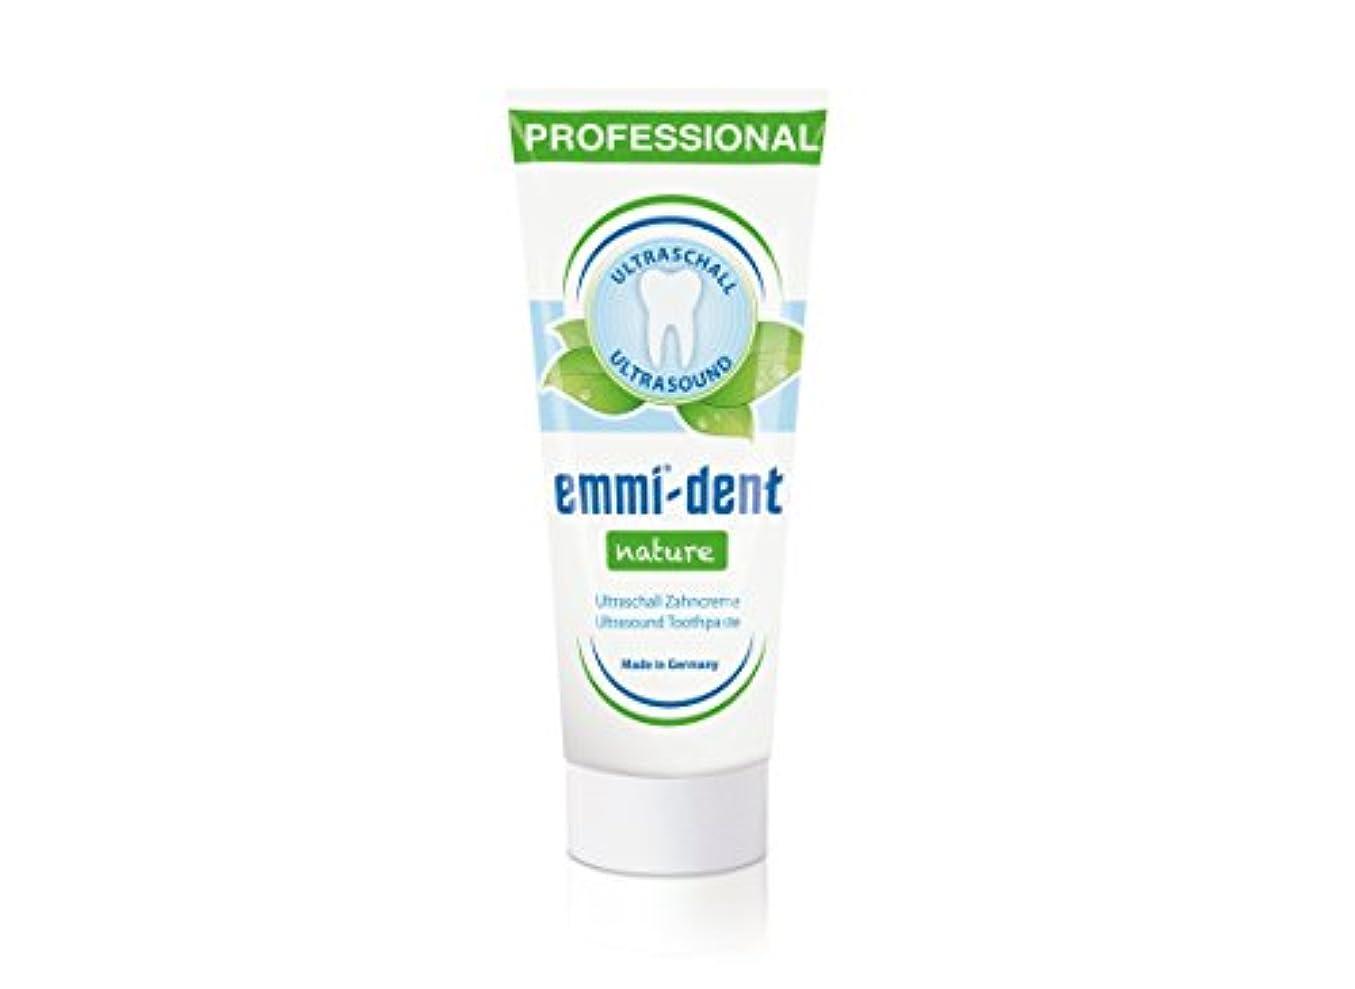 普通の即席離婚Emmi−dent(エミデント) 超音波歯ブラシ専用 歯磨きペースト エミデント ネイチャー 75g